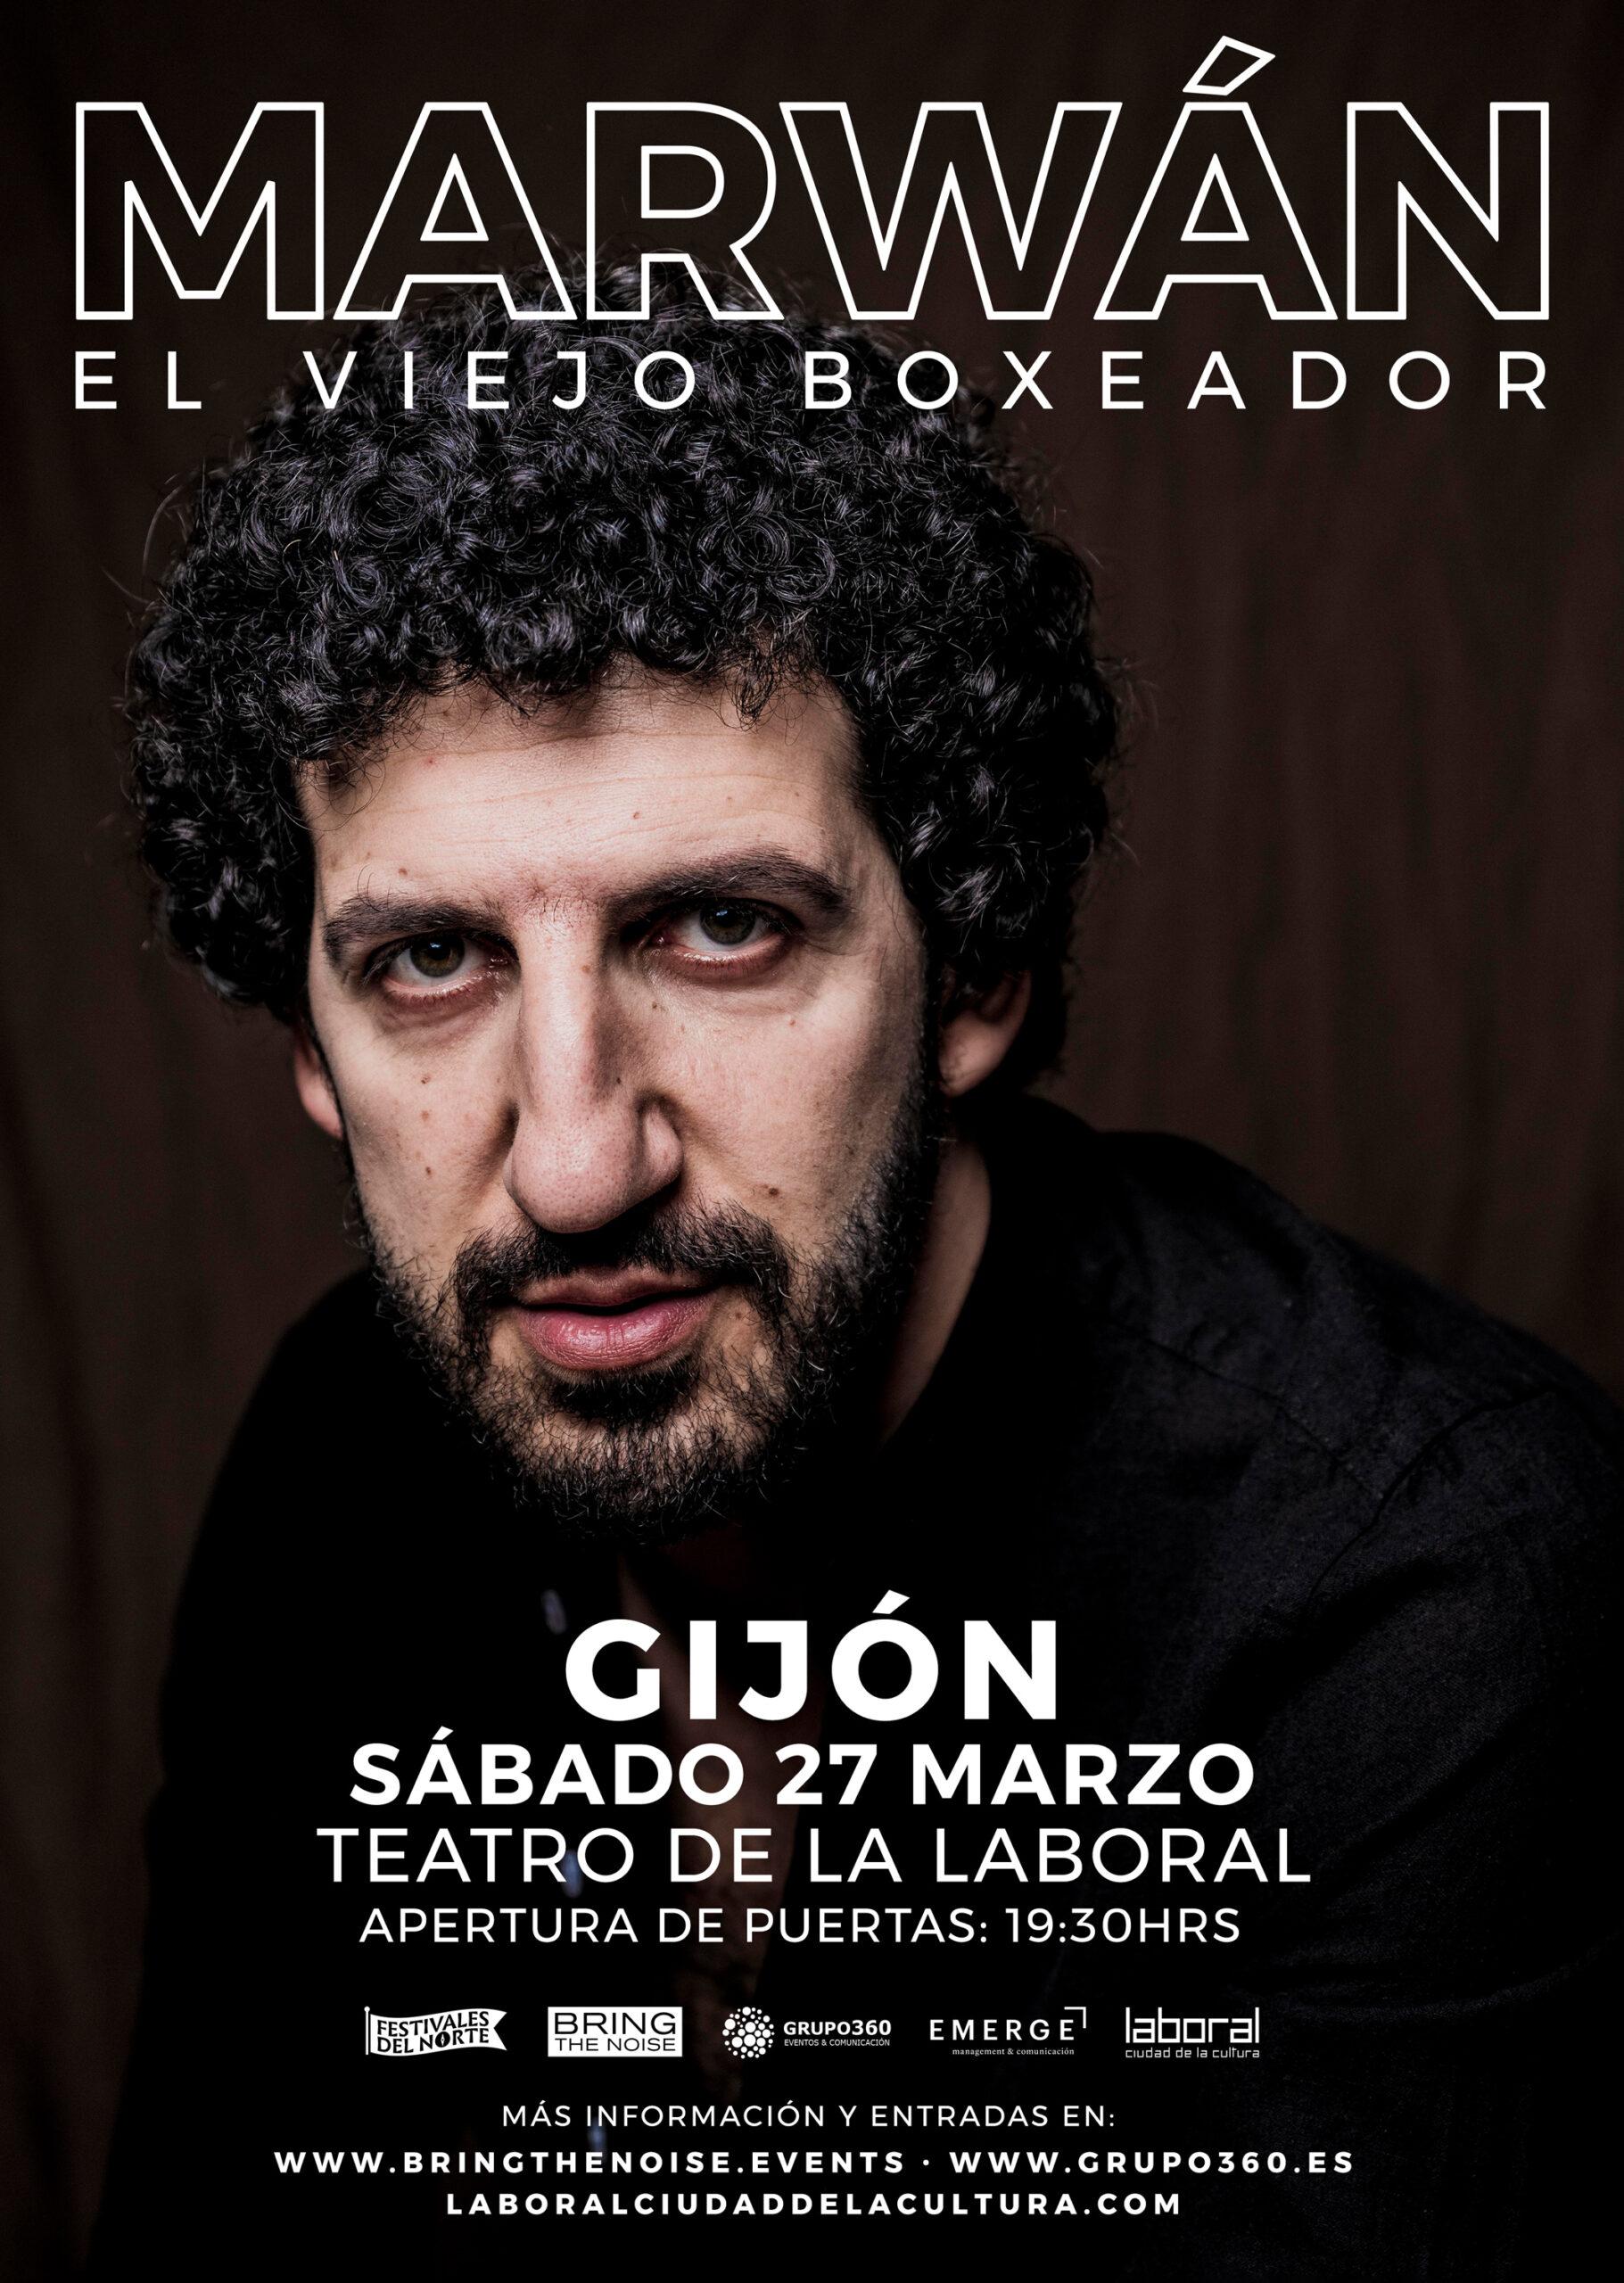 Marwán en el Teatro de la Laboral de Gijón